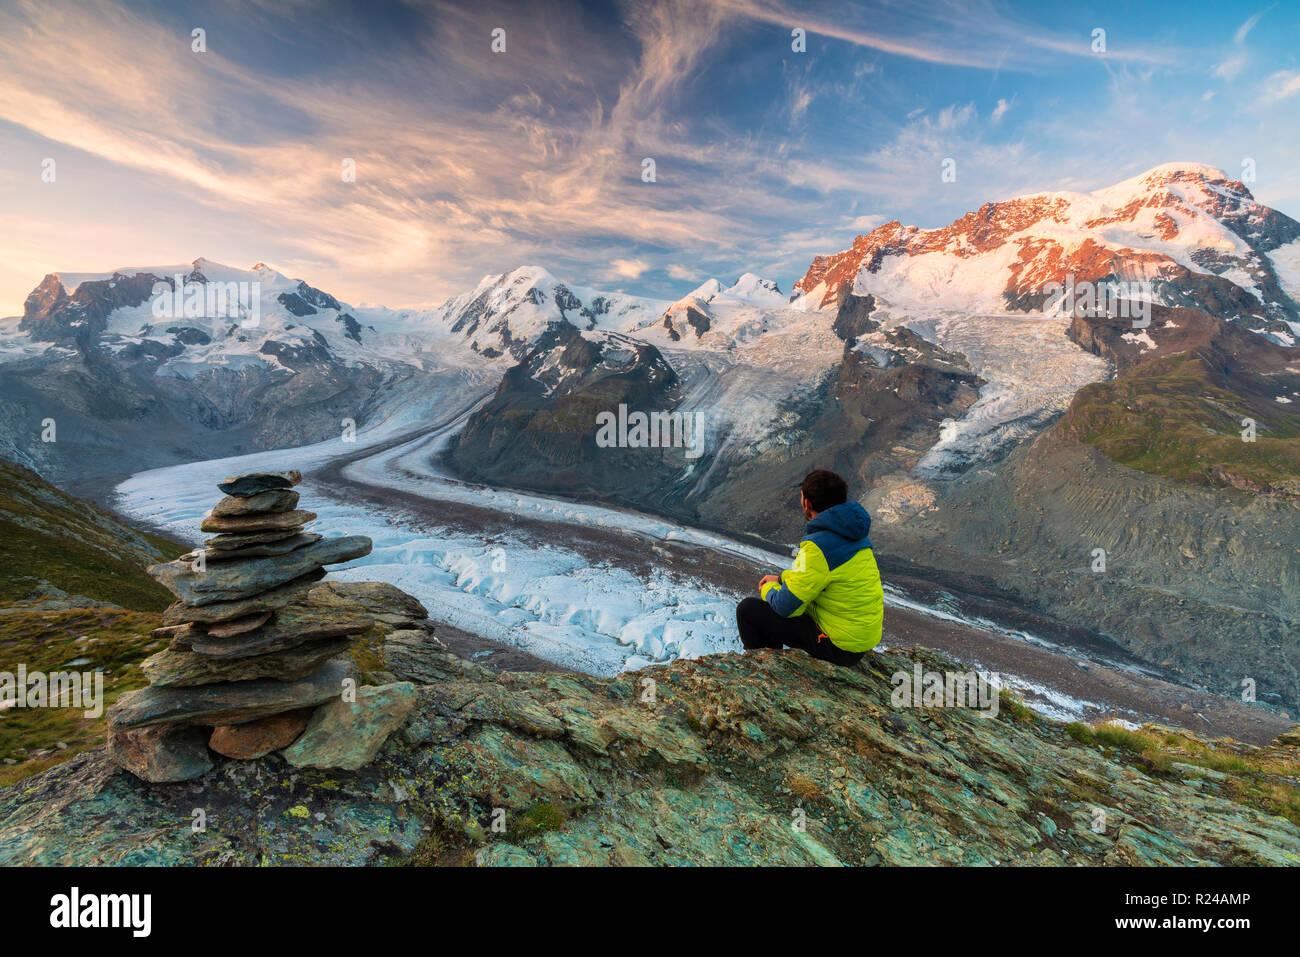 Caminante sentada sobre las rocas, mirando hacia el glaciar del Monte Rosa, Zermatt, cantón de Valais, Suiza Alpes, Suiza, Europa Imagen De Stock